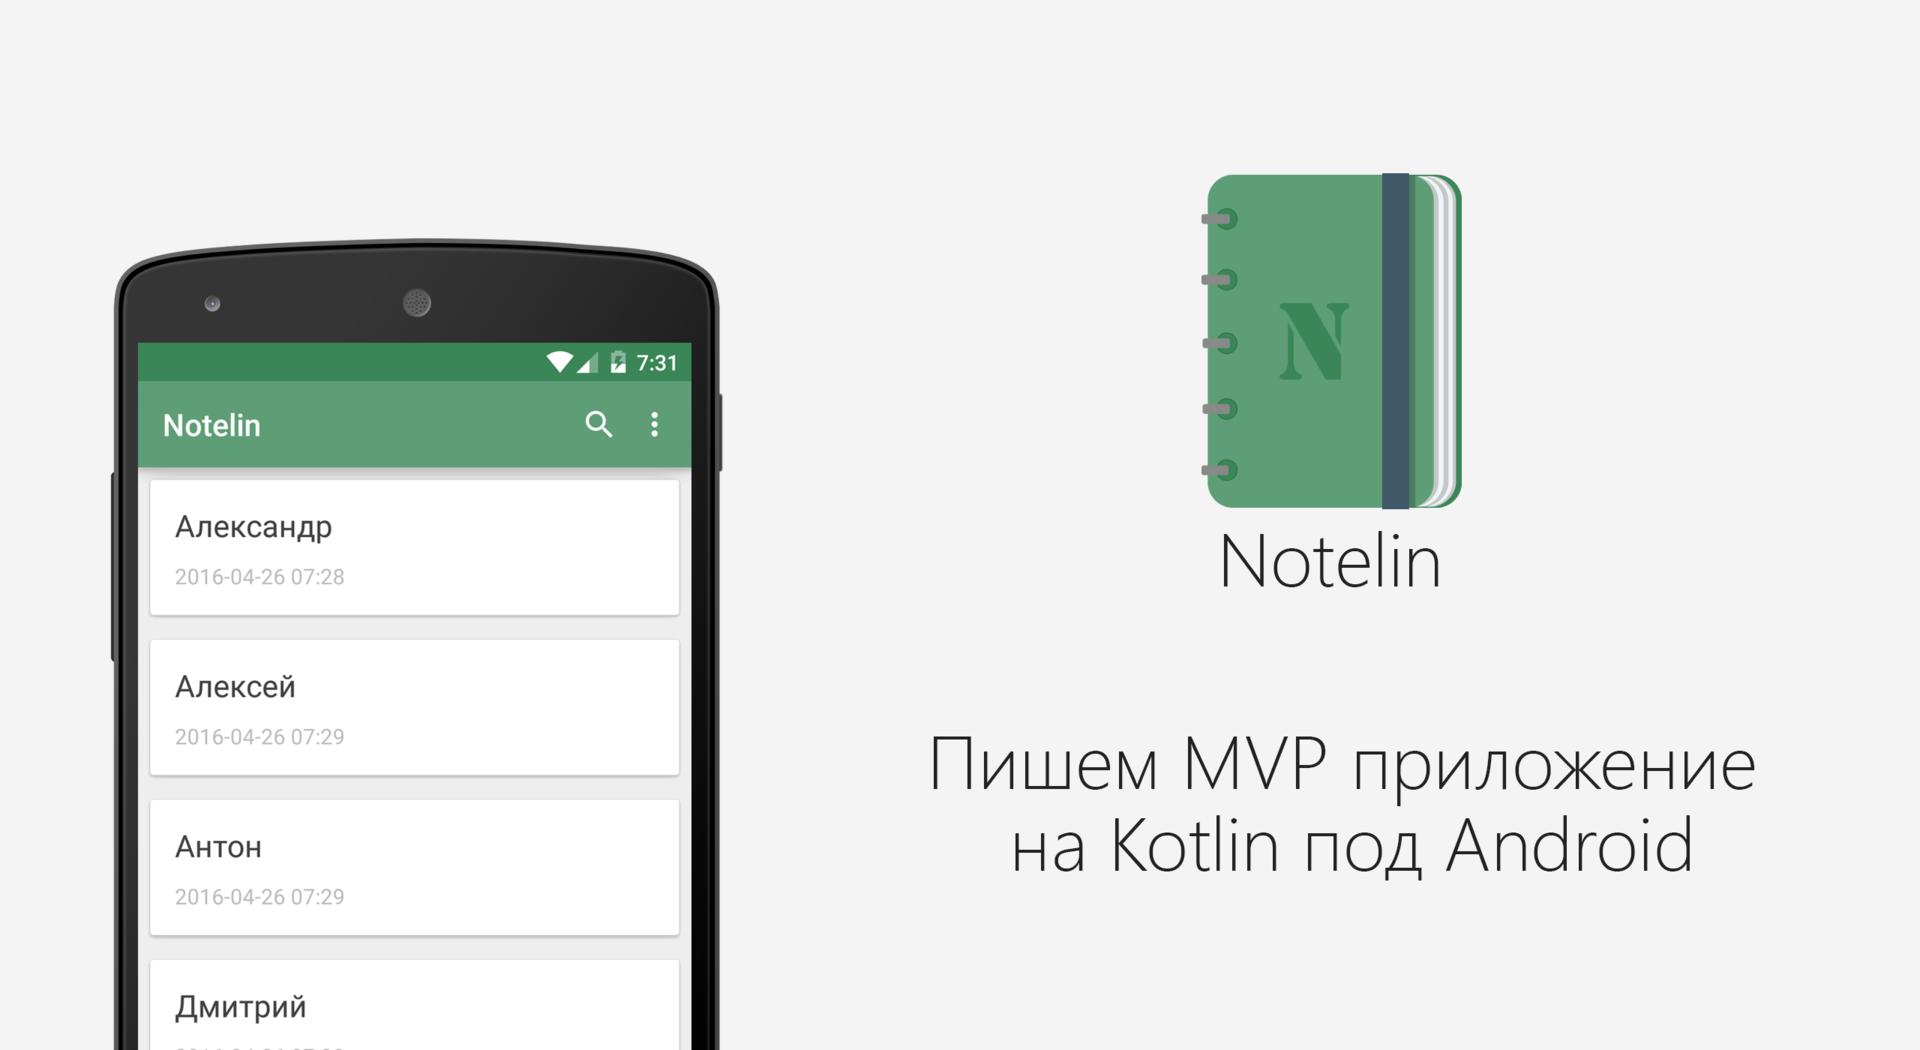 Пишем MVP приложение на Kotlin под Android - 1